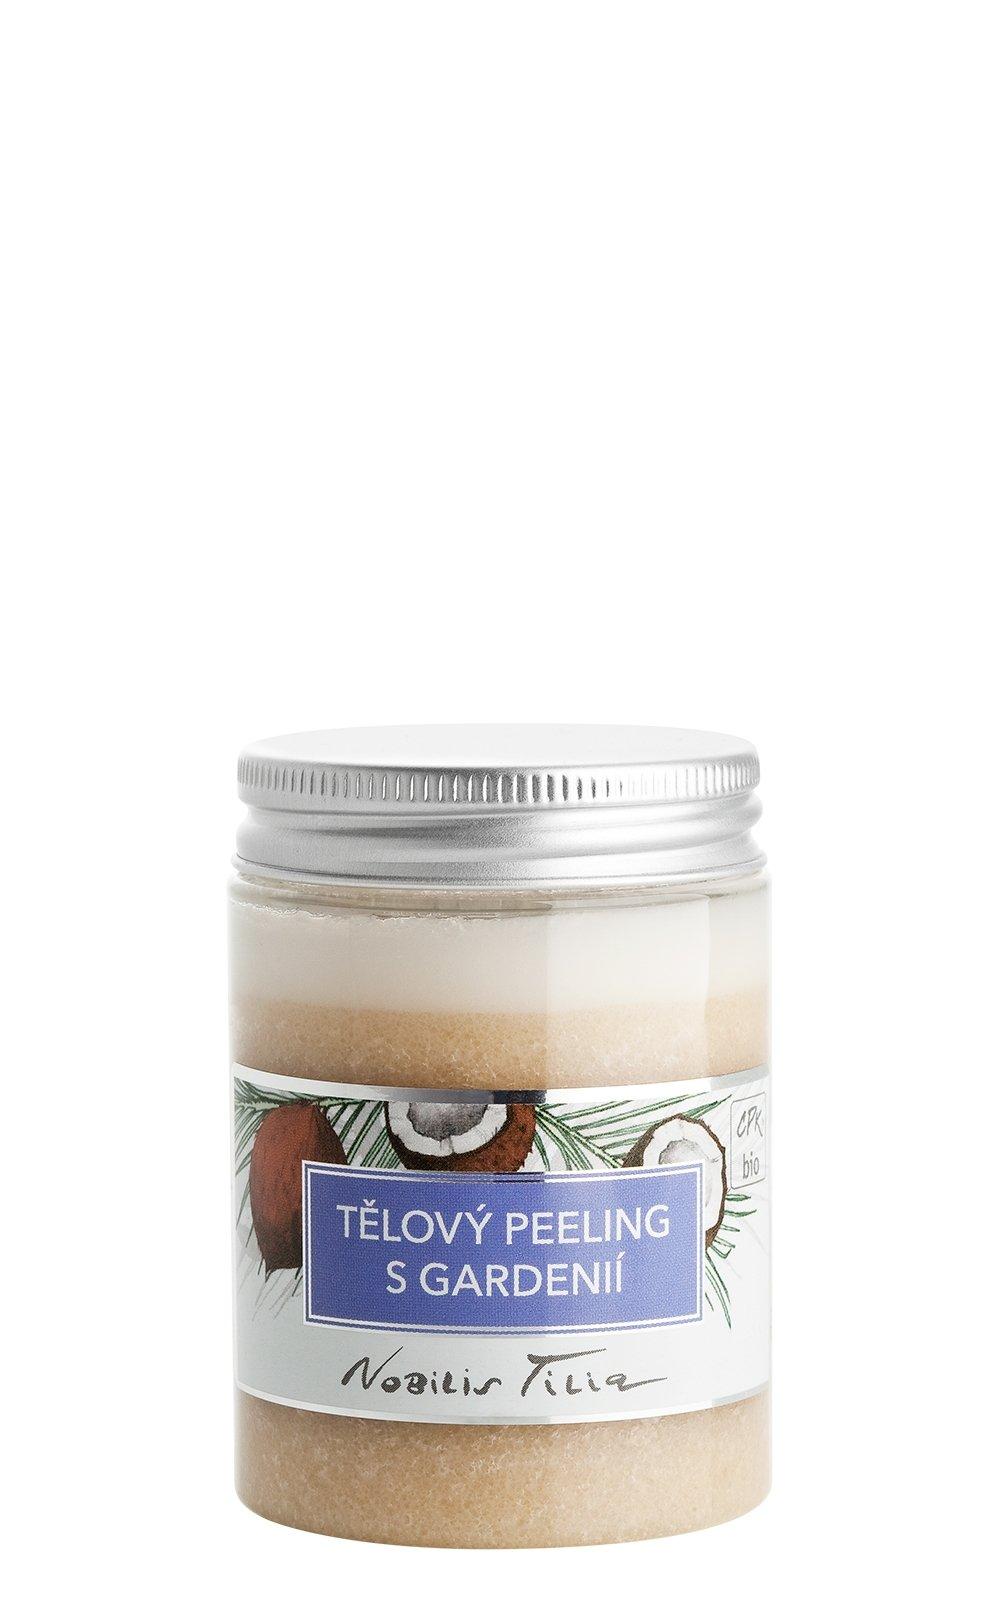 Tělový peeling s gardenií